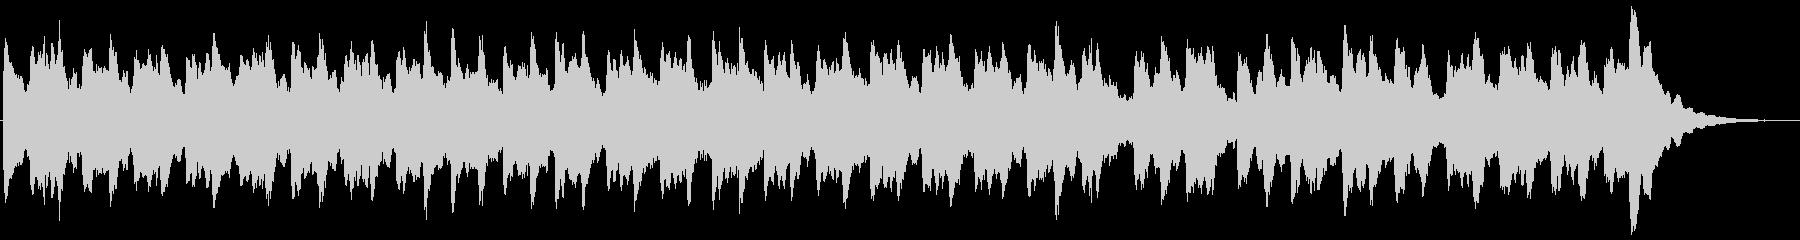 ビブラフォンの30秒キラキラチャイムの未再生の波形